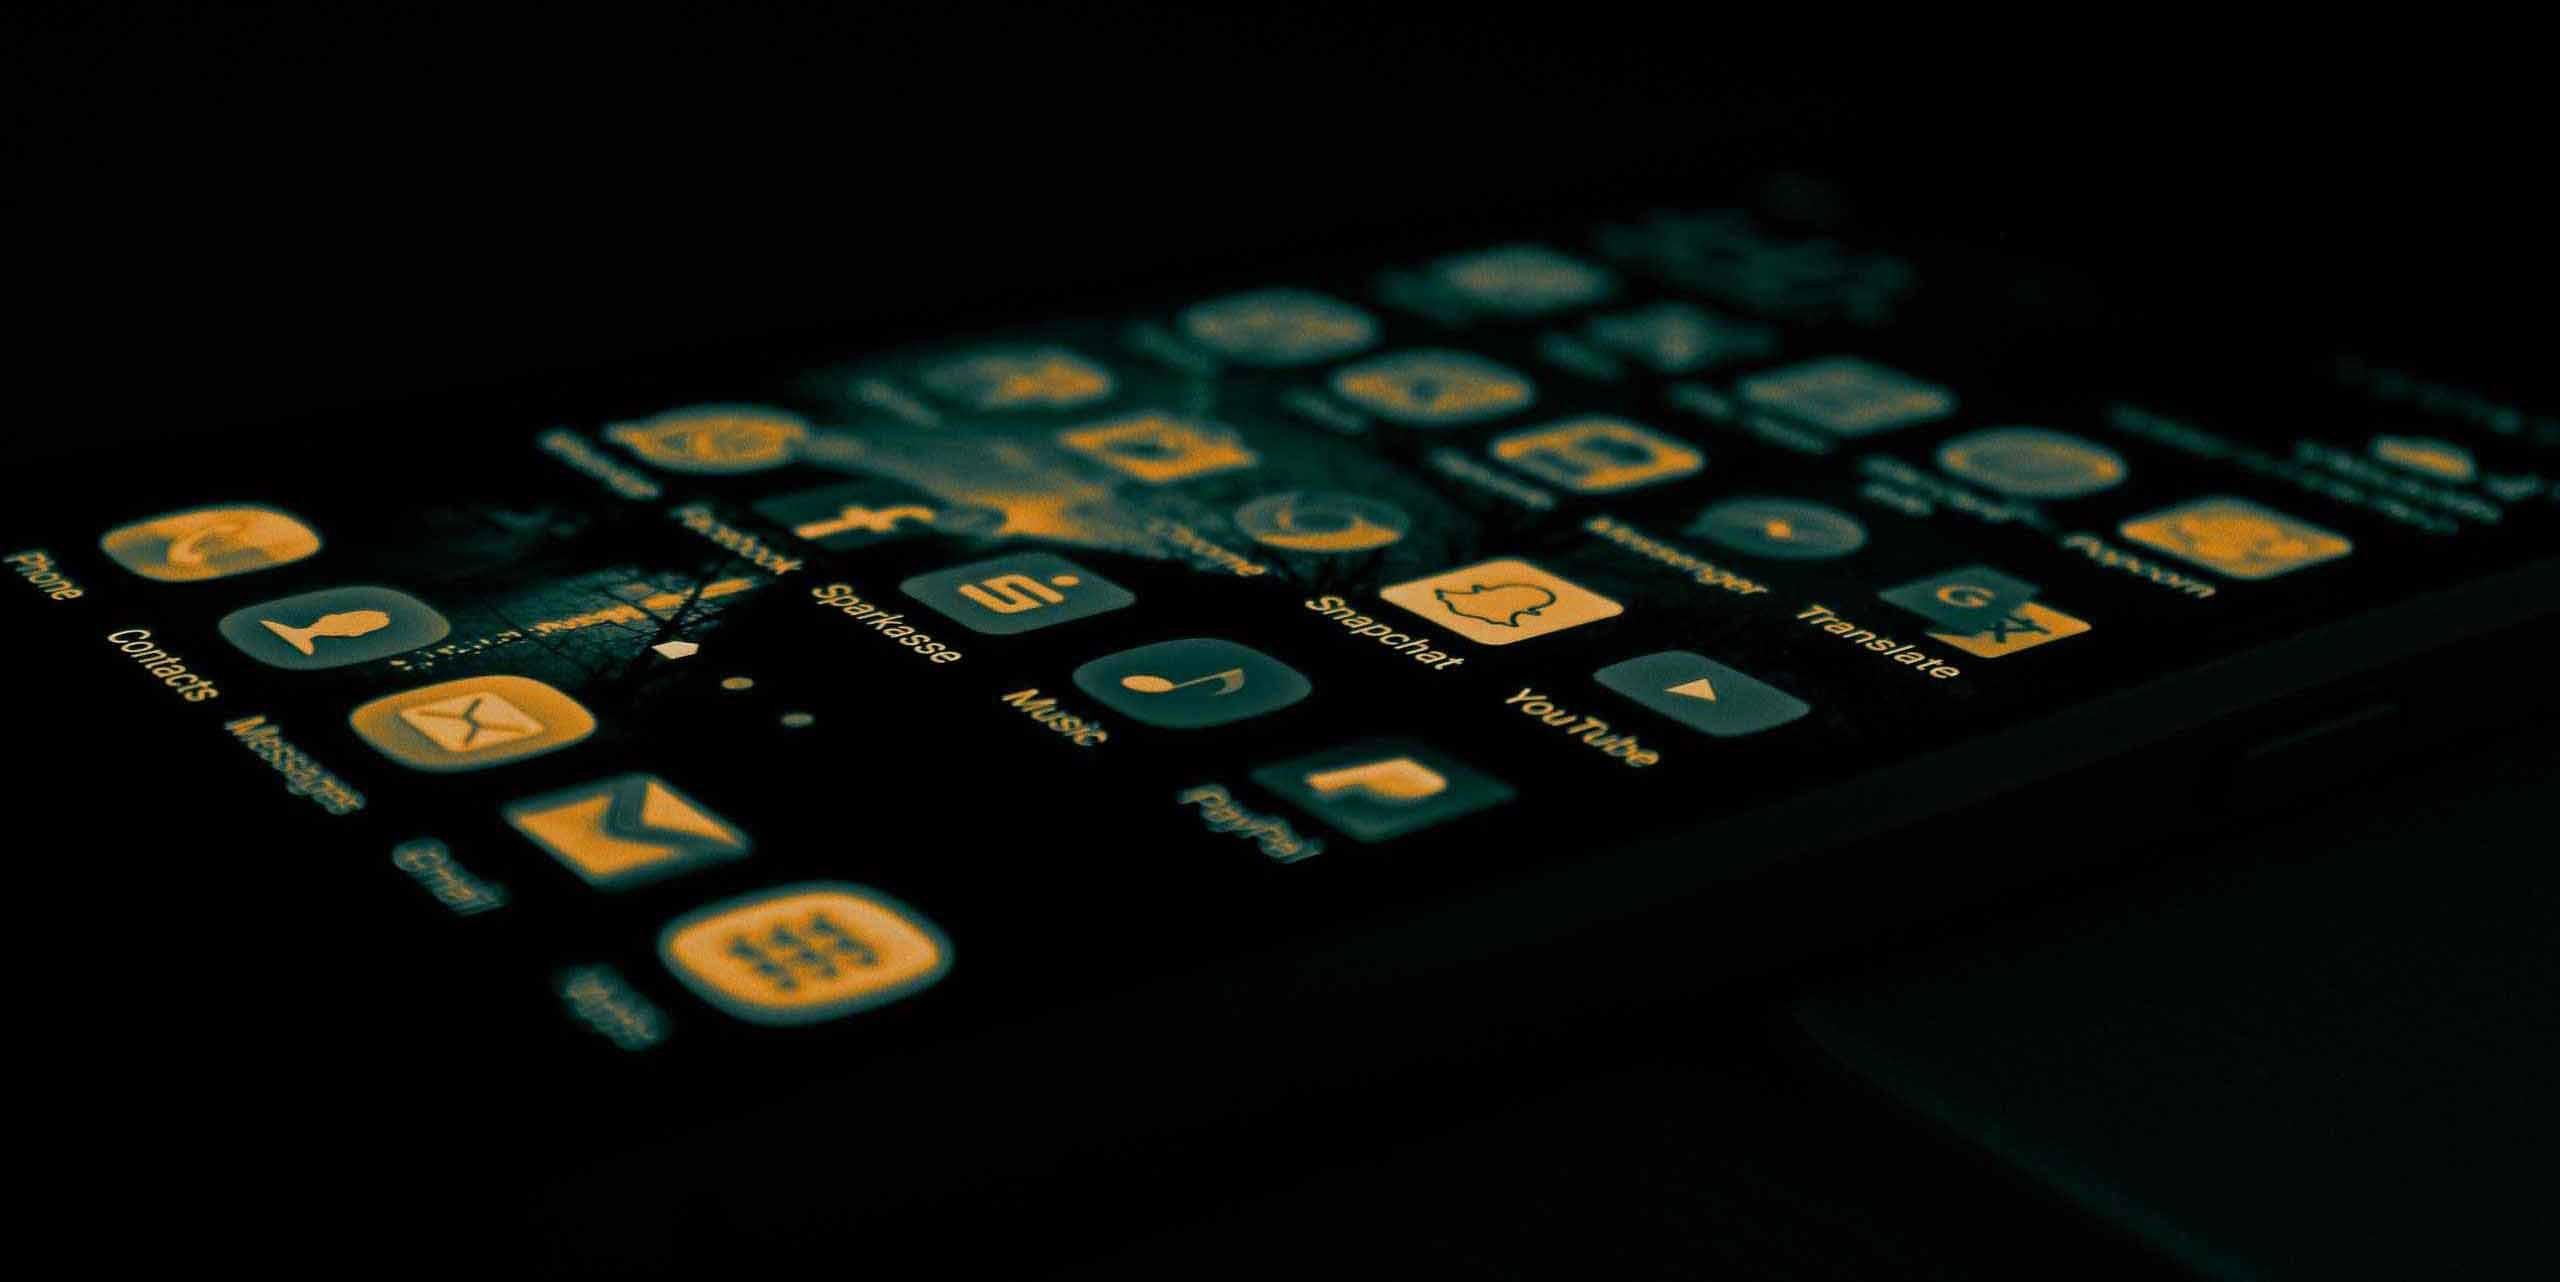 Unico evento in Europa rivolto al mondo delle App: 60 speaker italiani ed internazionali tra cui BlaBlaCar, Deliveroo, Moovit, Just Eat, DriveNow, Meetic, Mytaxi, The Fork. L'app economy crescerà del 300% nei 3 prossimi anni: 197 miliardi le app scaricate nel 2017.